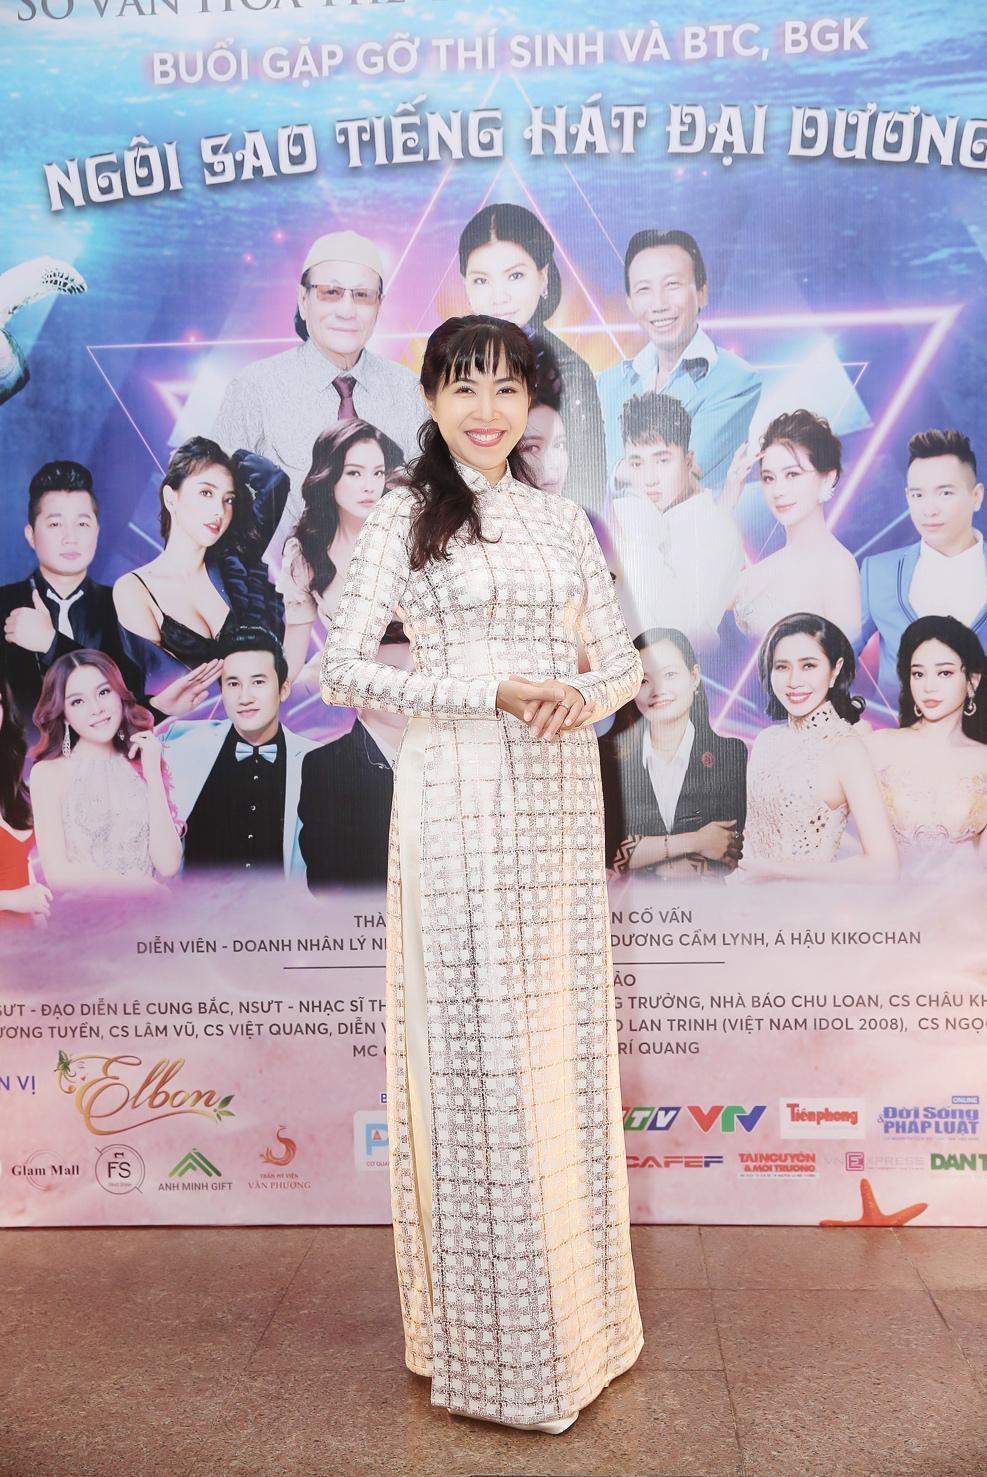 """Không ngại mưa gió, đông đảo thí sinh tham dự buổi giao lưu BTC, BGK """"Ngôi sao Tiếng hát Đại Dương"""" - Ảnh 10"""